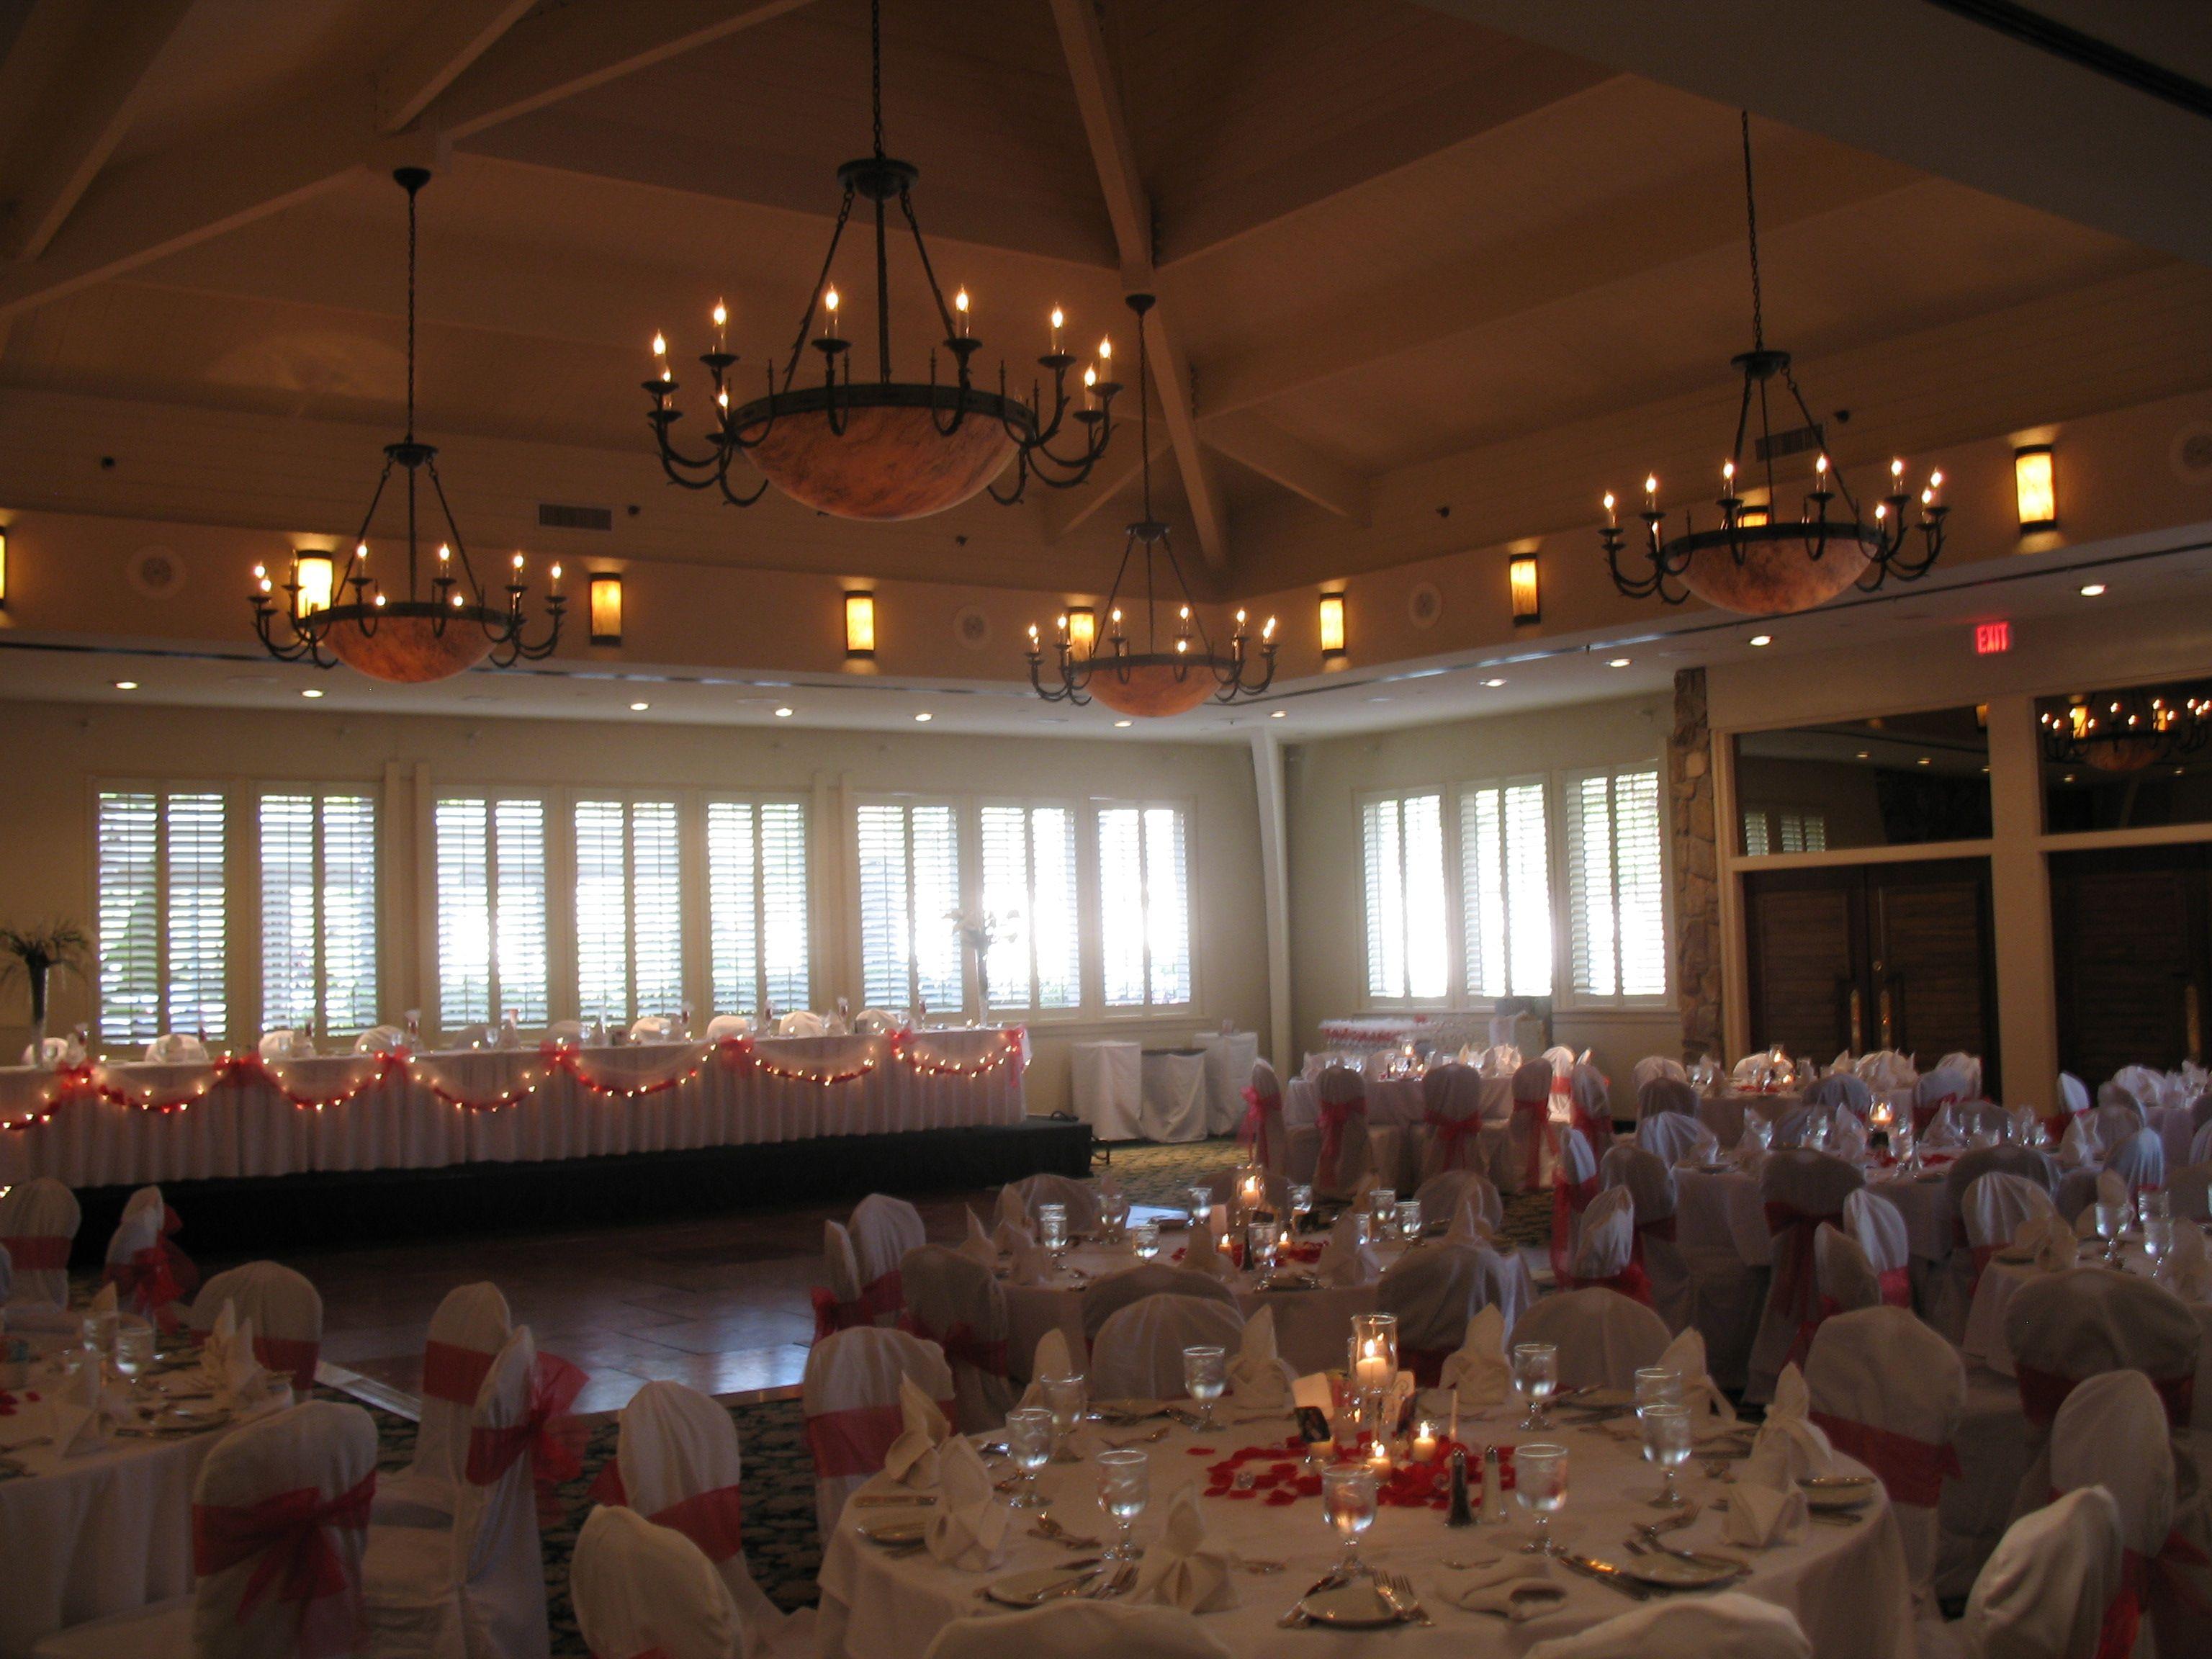 The Pegasus South Ballroom At Saddlebrook Resort Tampa BayPegasusDestination WeddingsBallroomsWedding VenuesResortsFloridaWedding PlacesVacation Places